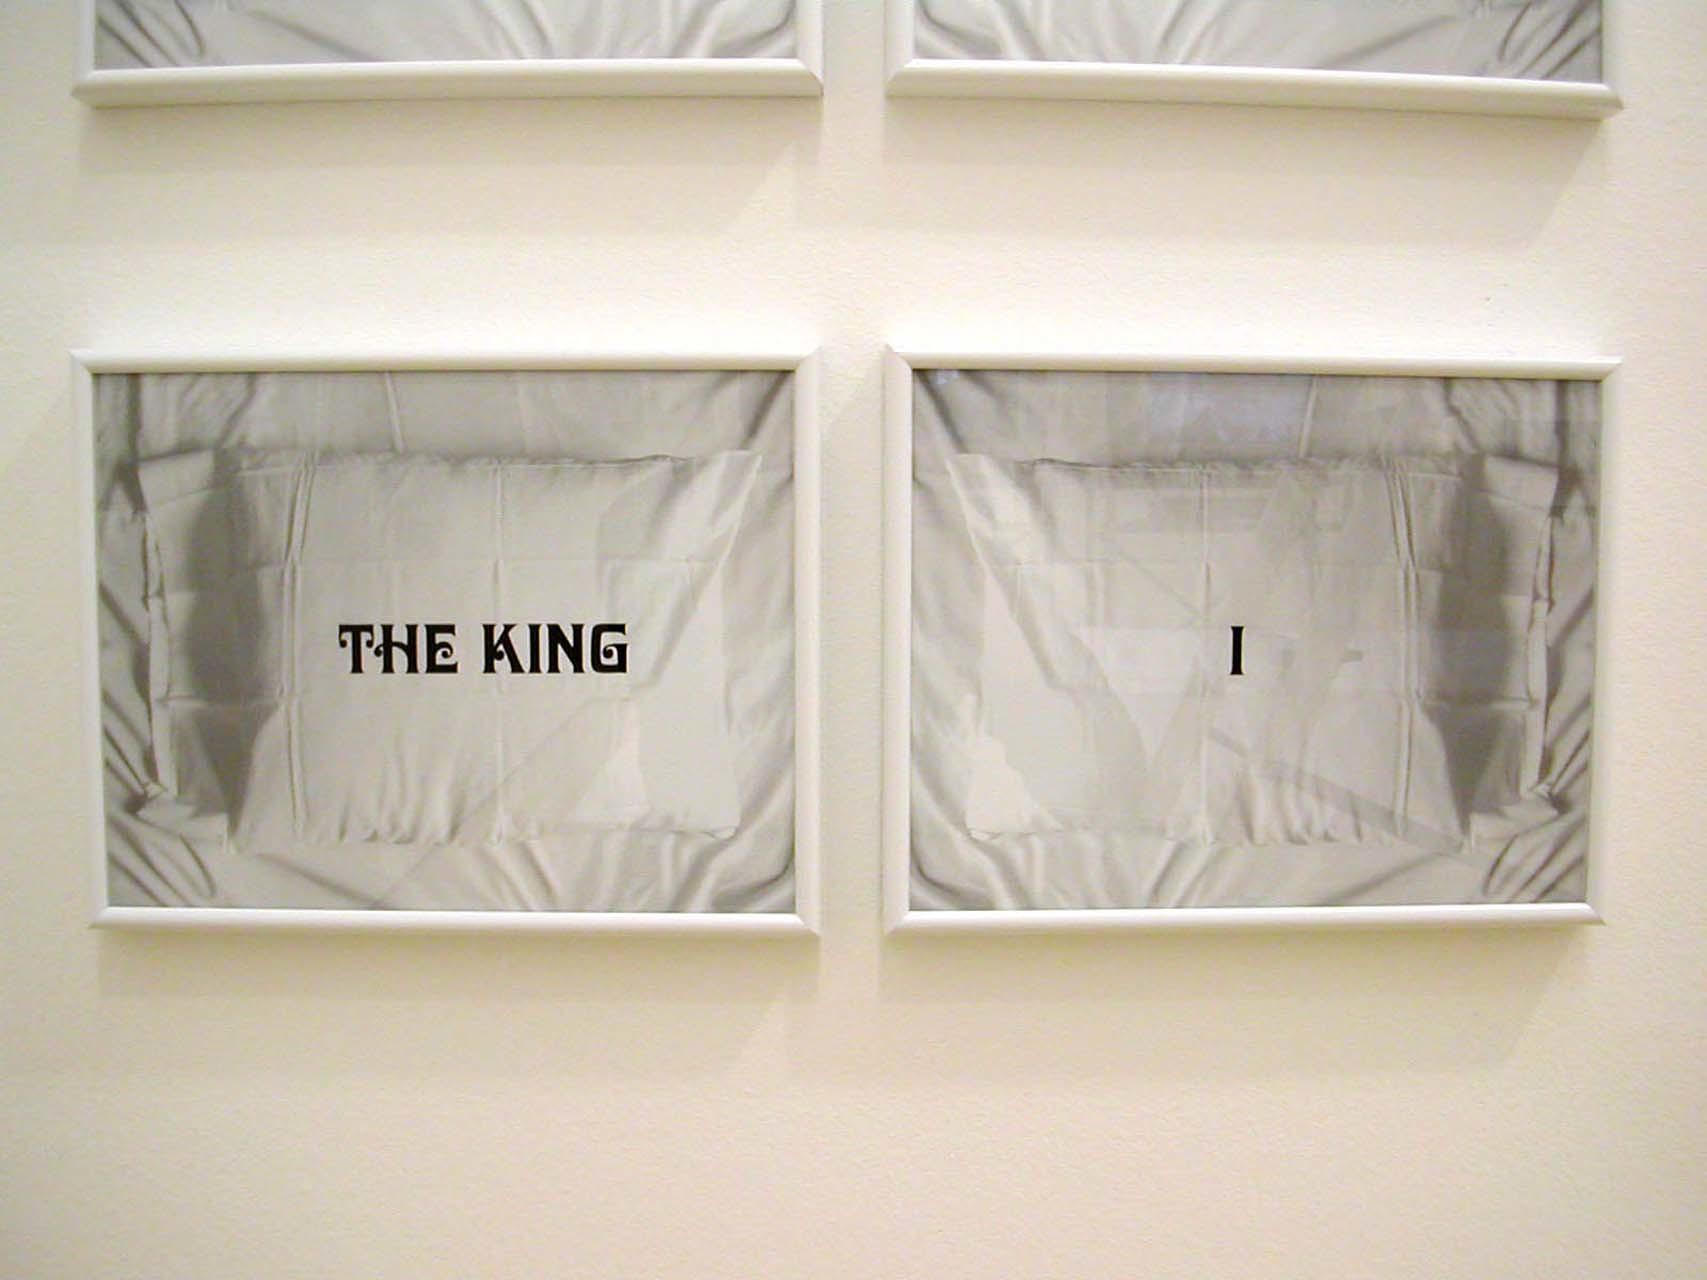 """<div class=""""artwork_caption""""><p>The King and I, 2002</p></div>"""